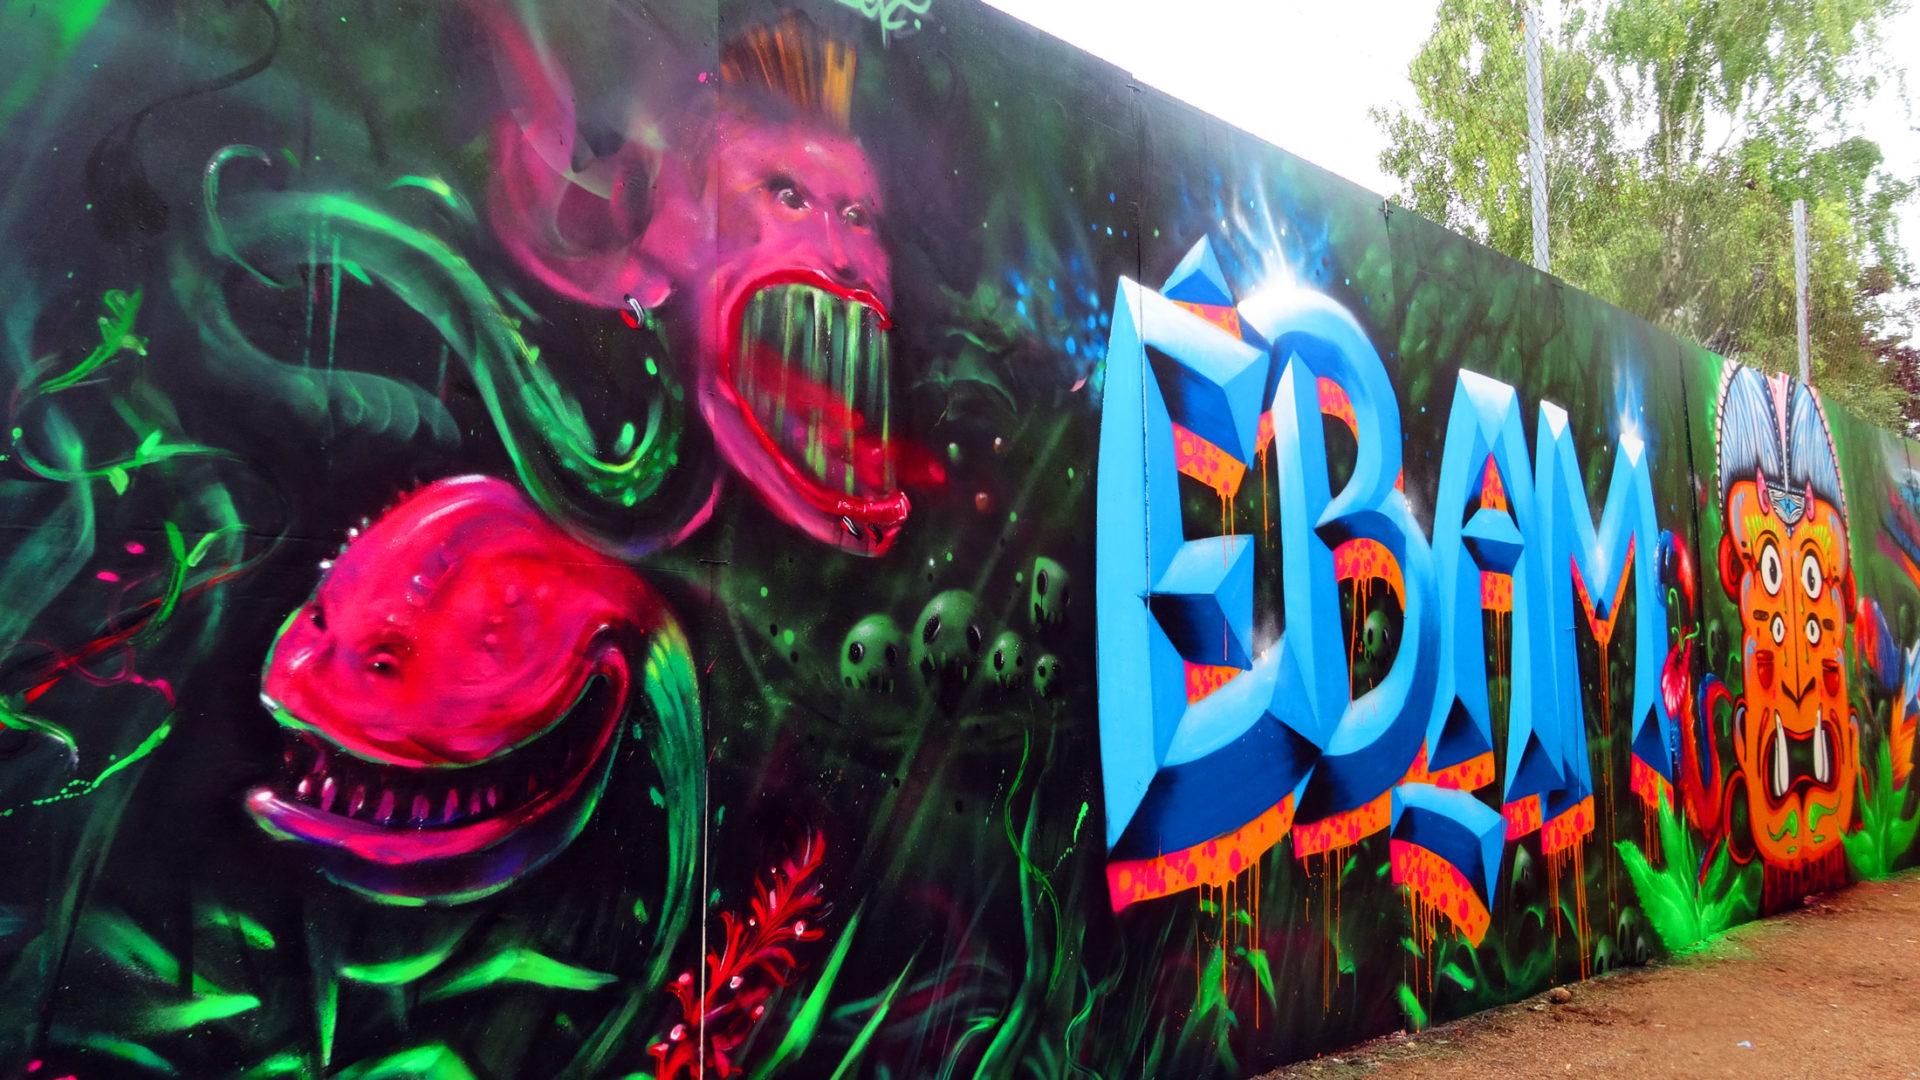 ambiance_epipapu_graffiti